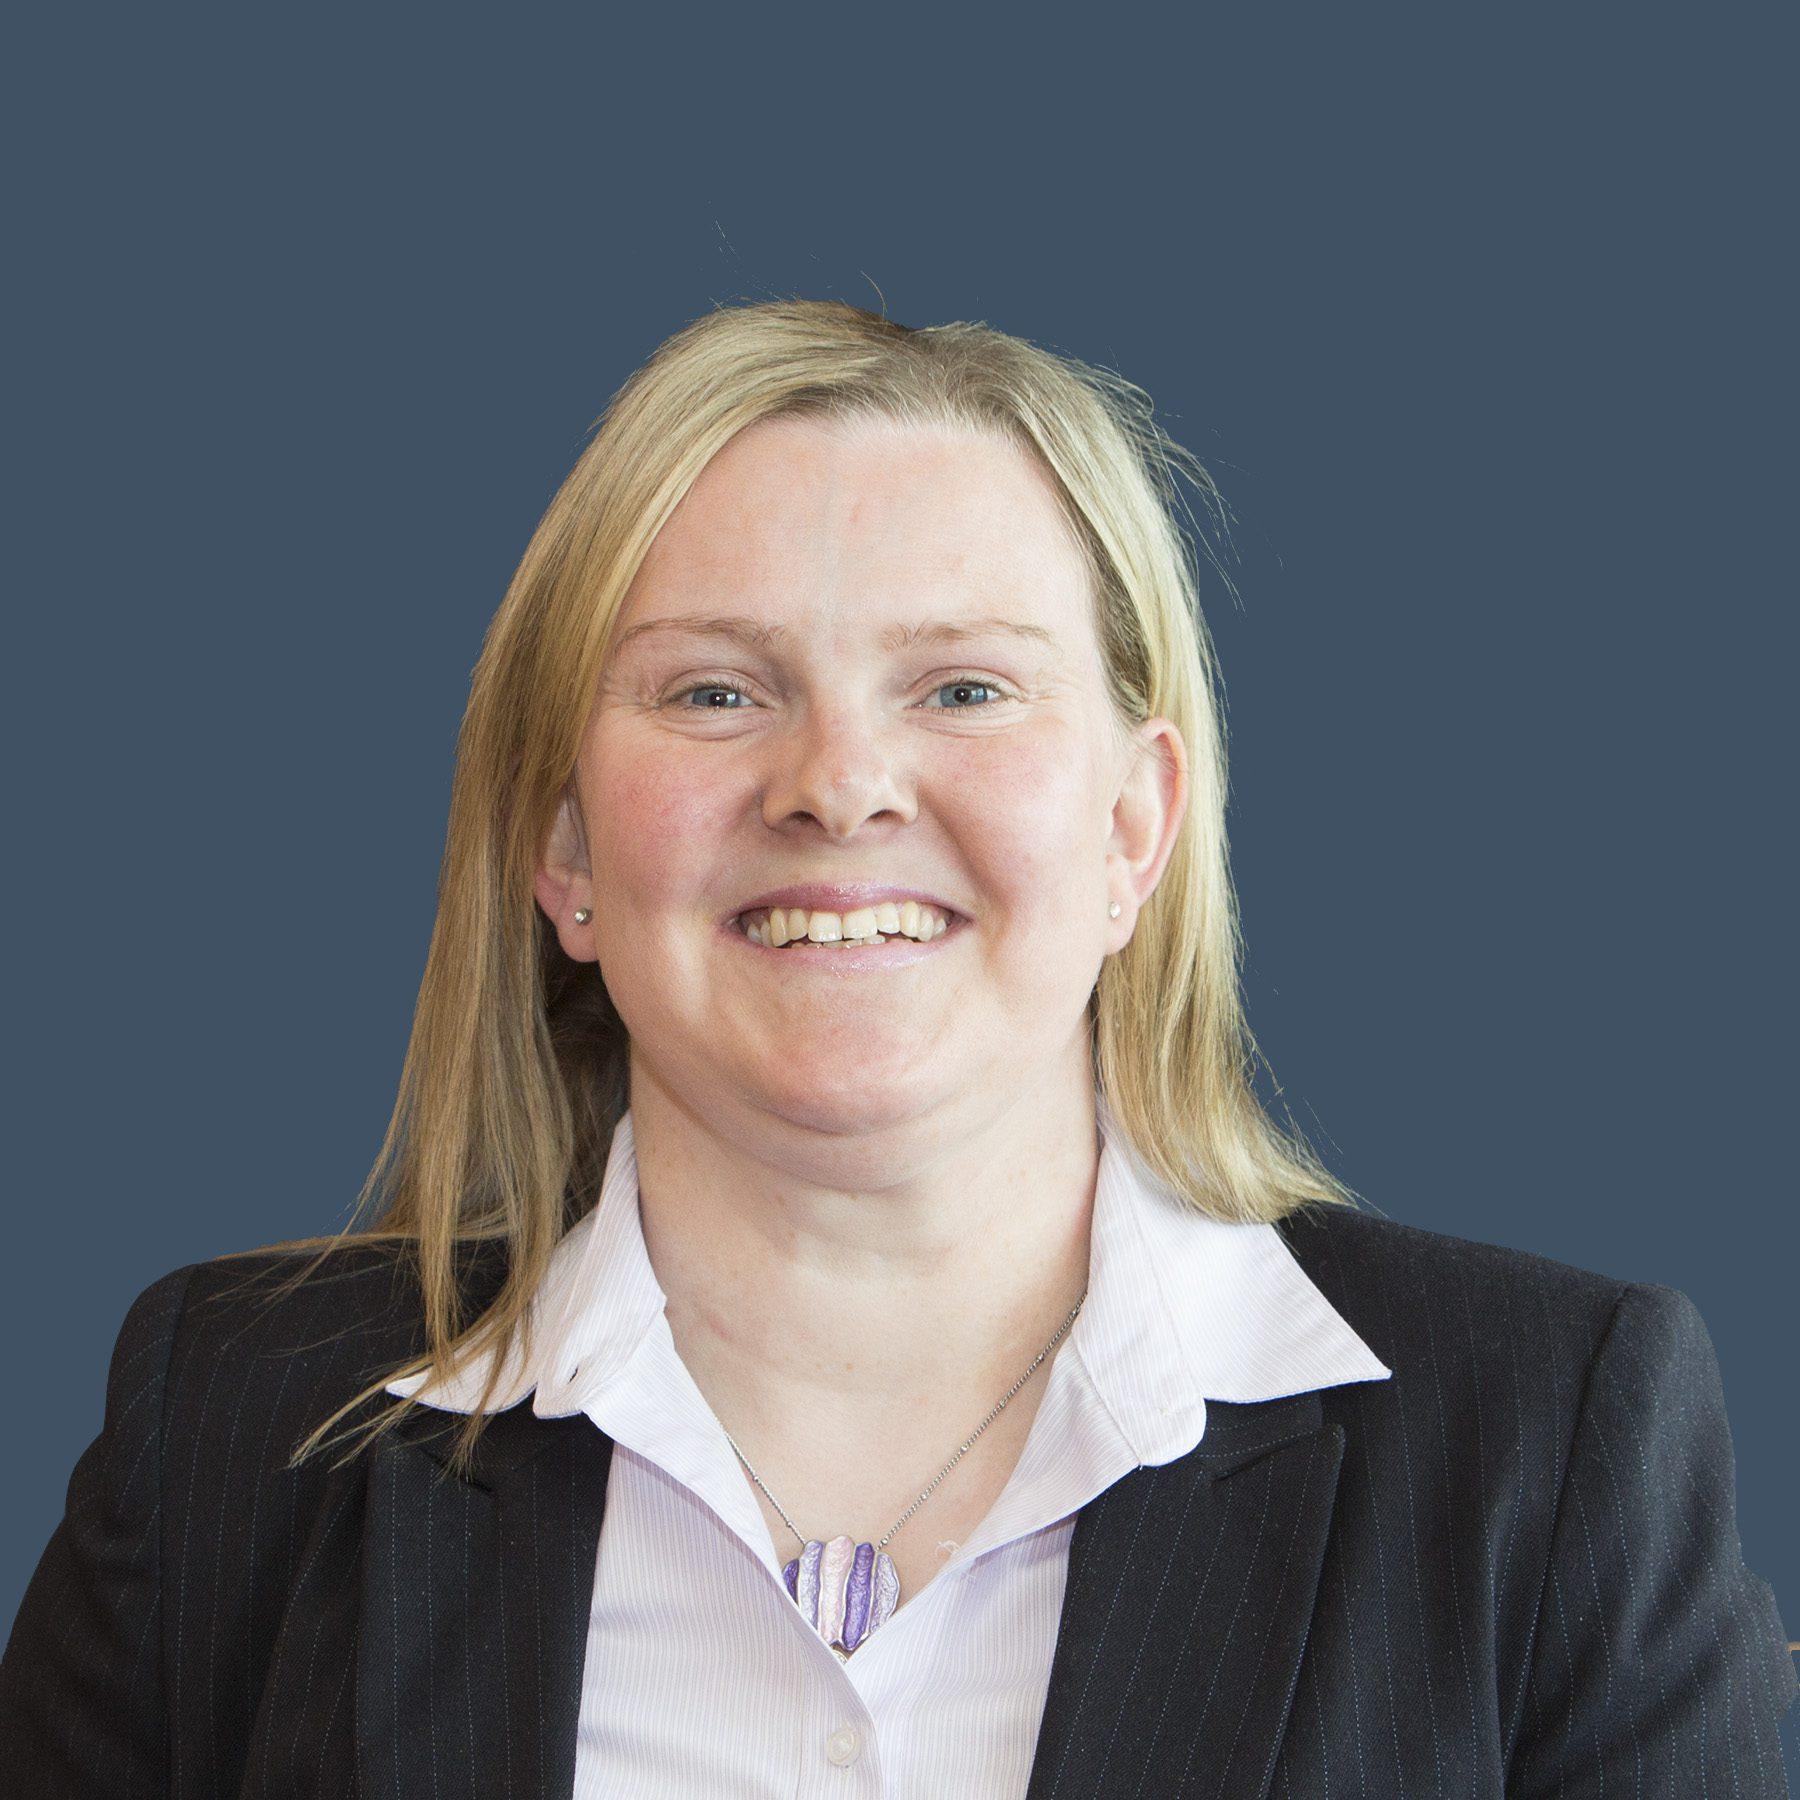 Amy Quinlivan